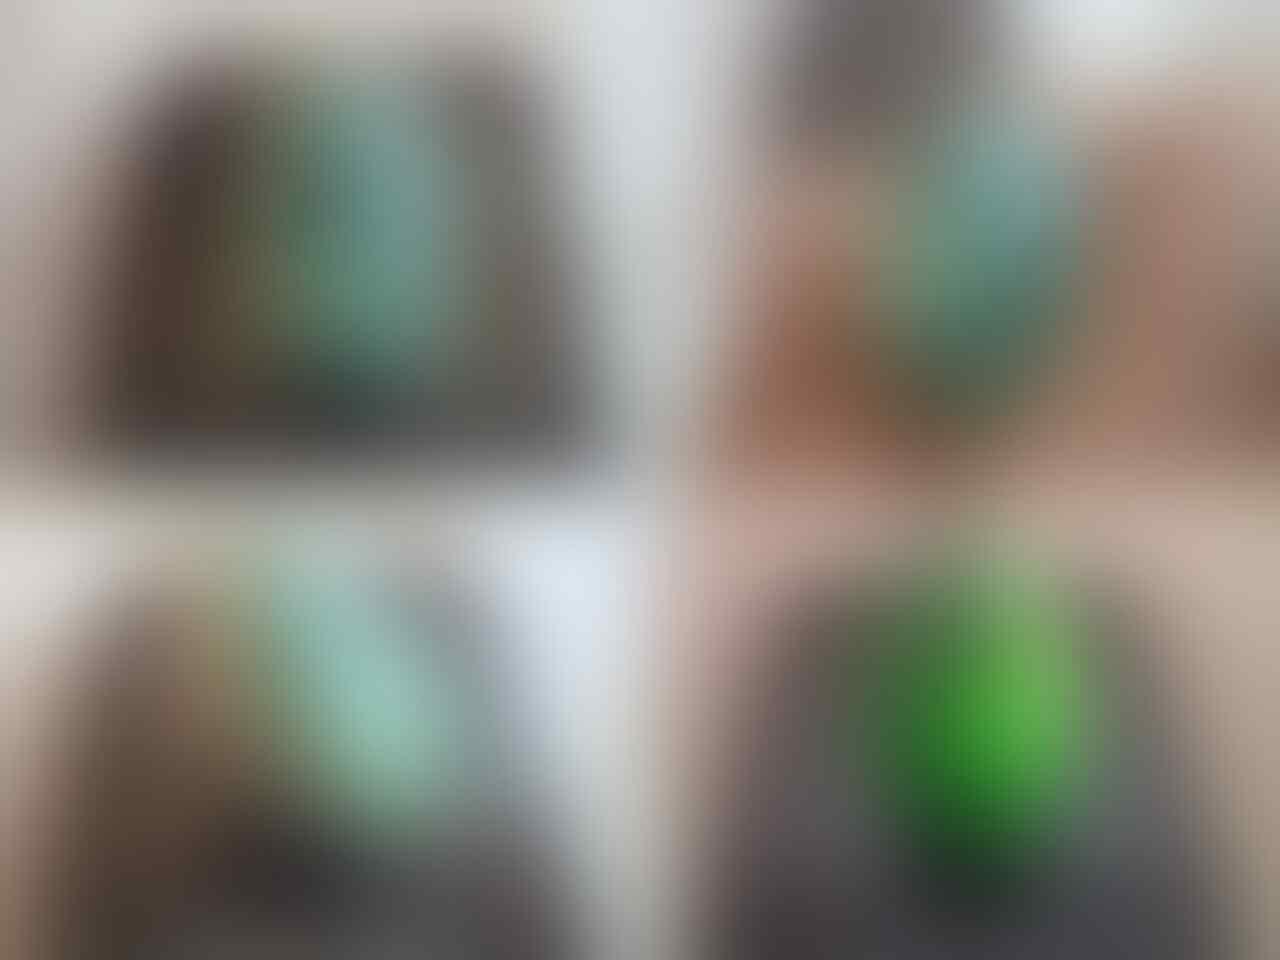 [ALWAYS UPDATE] LUMUT SULIKI DAN SUNGAI DAREH KELAS HARIAN SAMPAI KELAS KONTES!